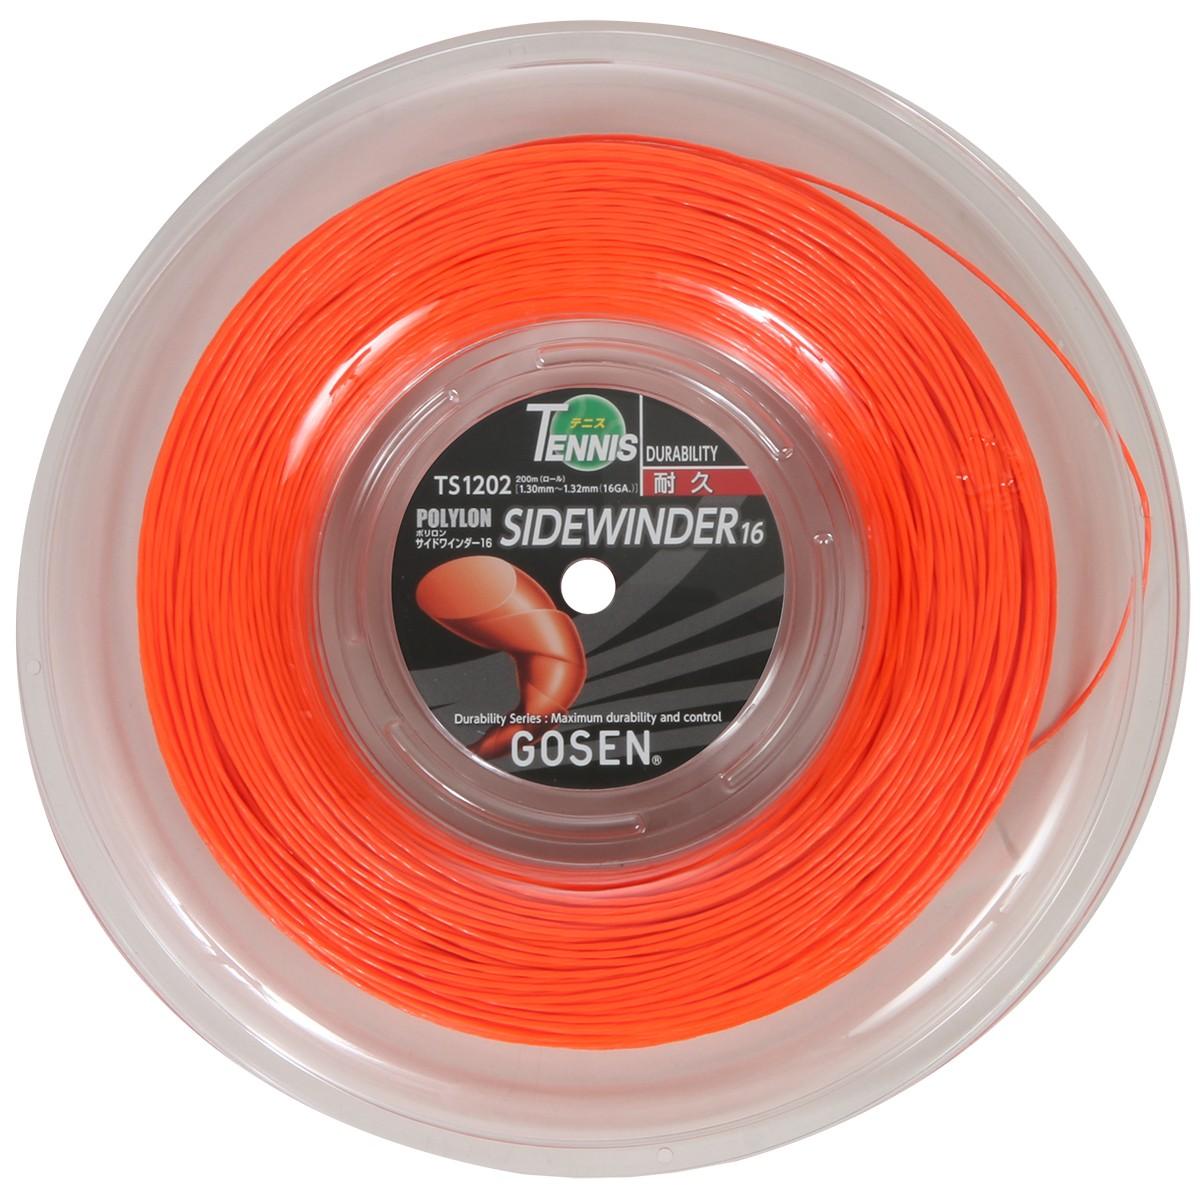 ゴーセン サイドワインダー(日本名:エッグパワー)GOSEN SIDEWINDER 16/1.30MM 200mロールガット